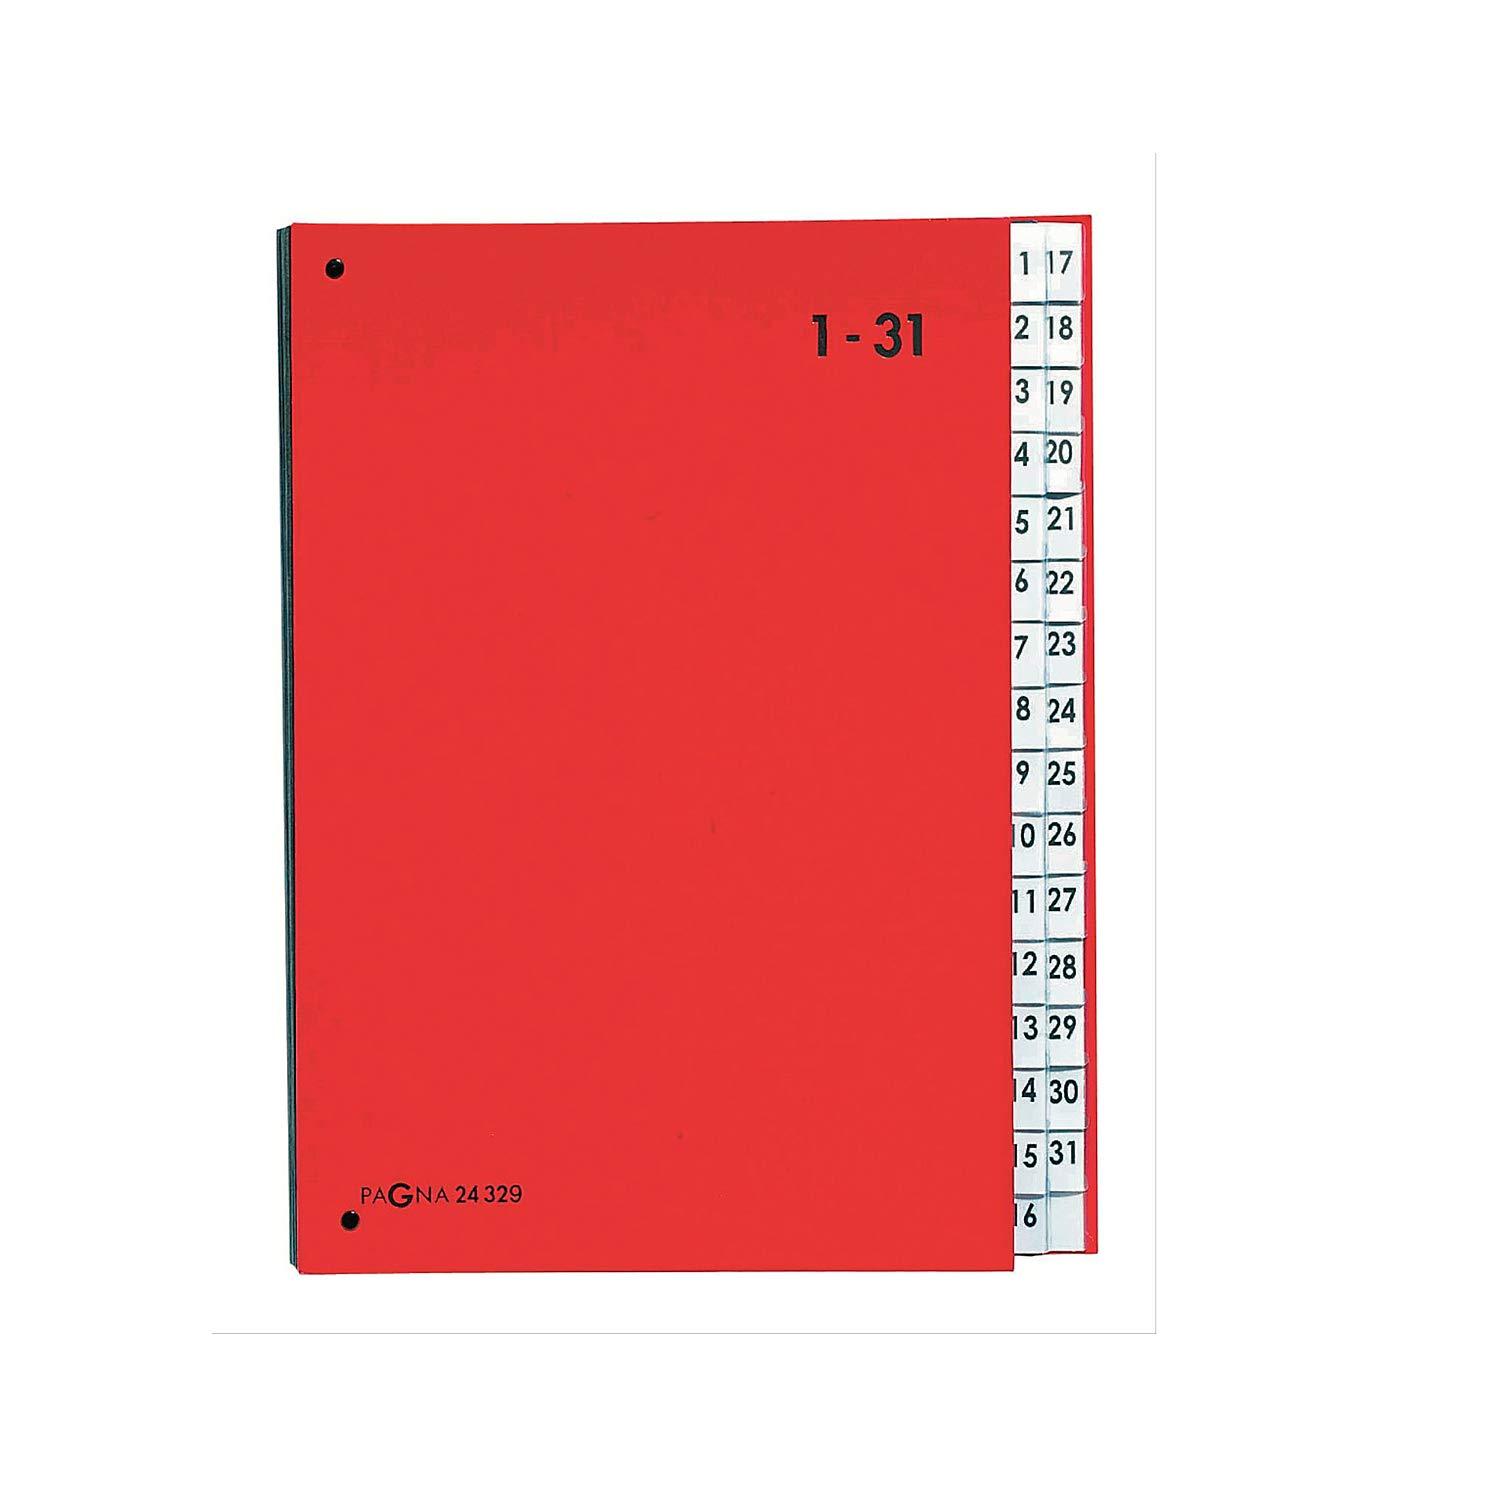 DIN A4 rot 31 Fächer 1-31 PAGNA Pultordner Color